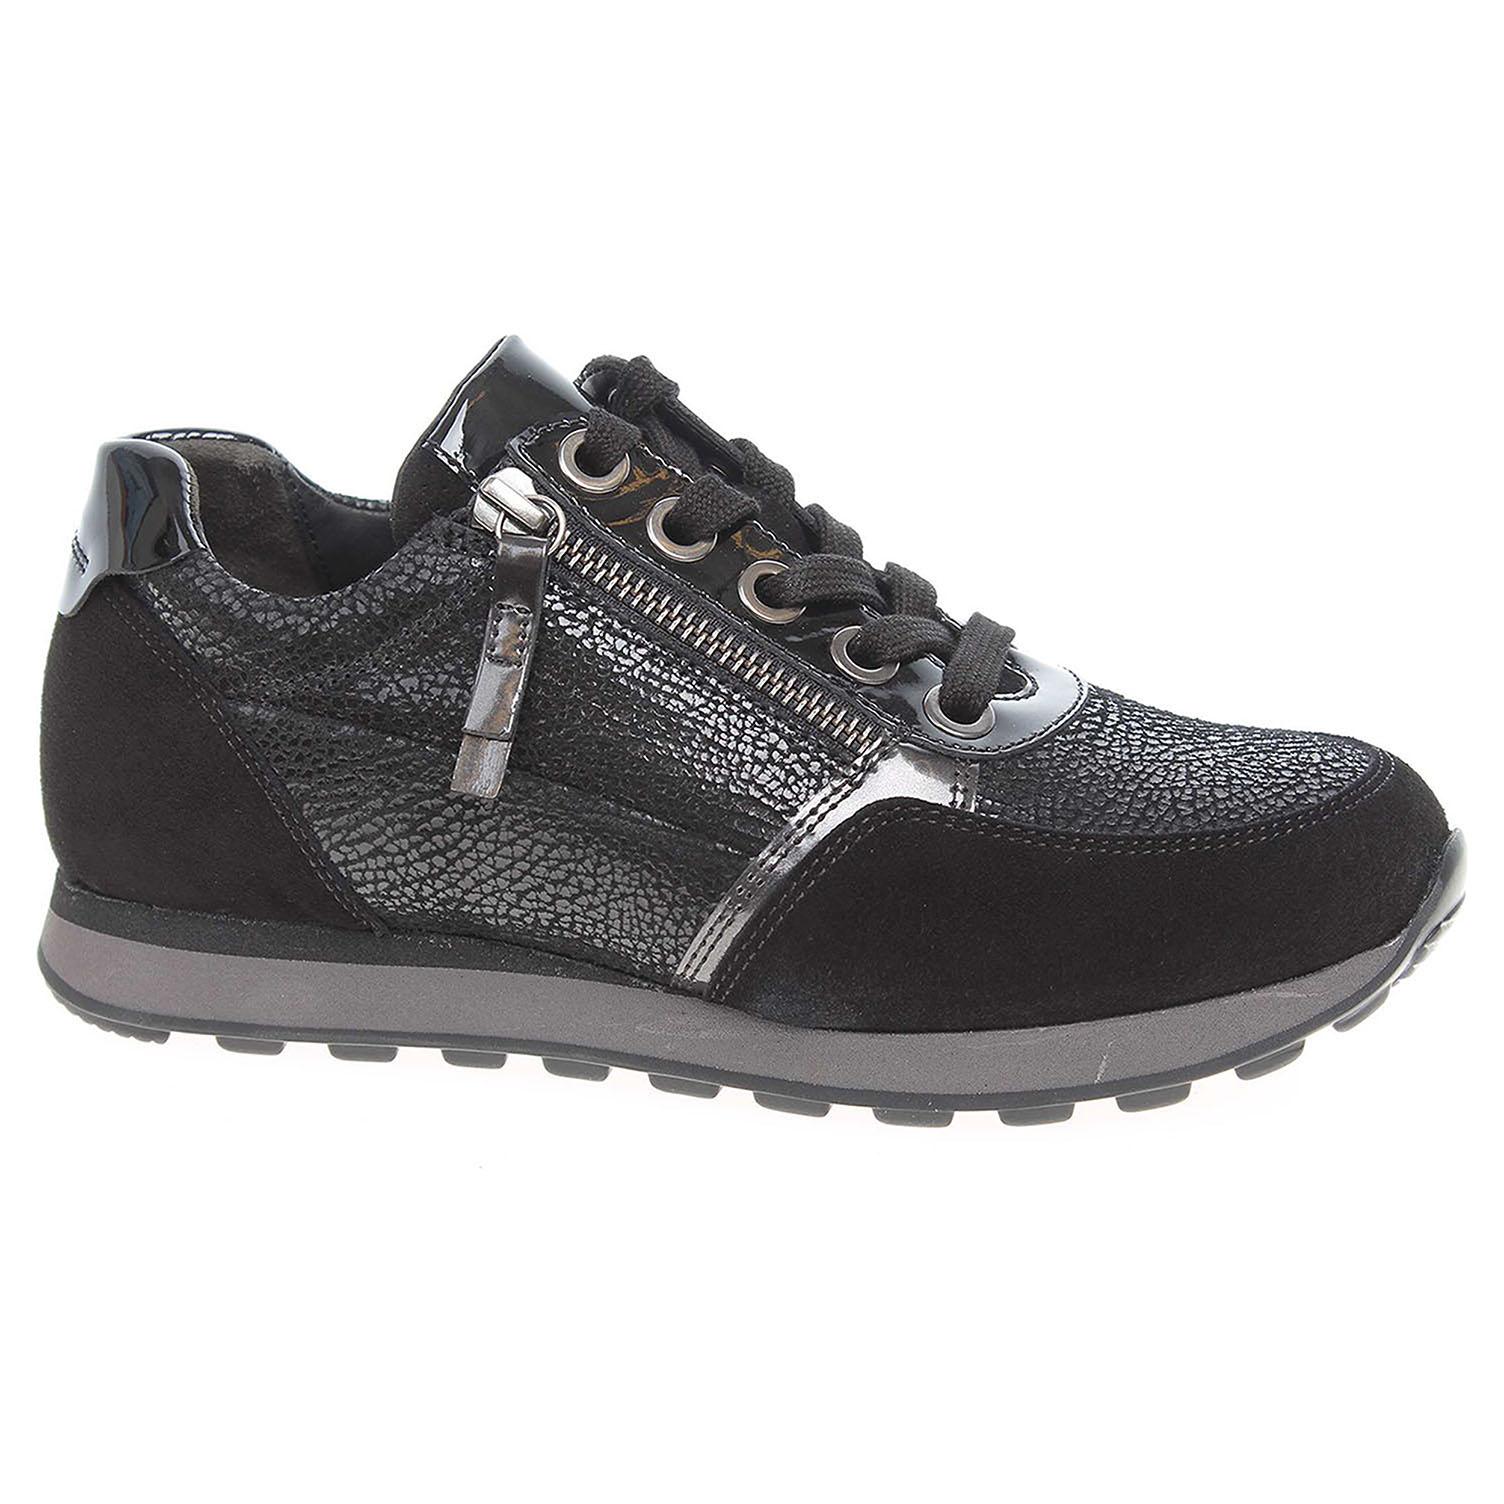 173cda85a9 Ecco Dámská obuv Gabor 76.335.97 černá 23200711